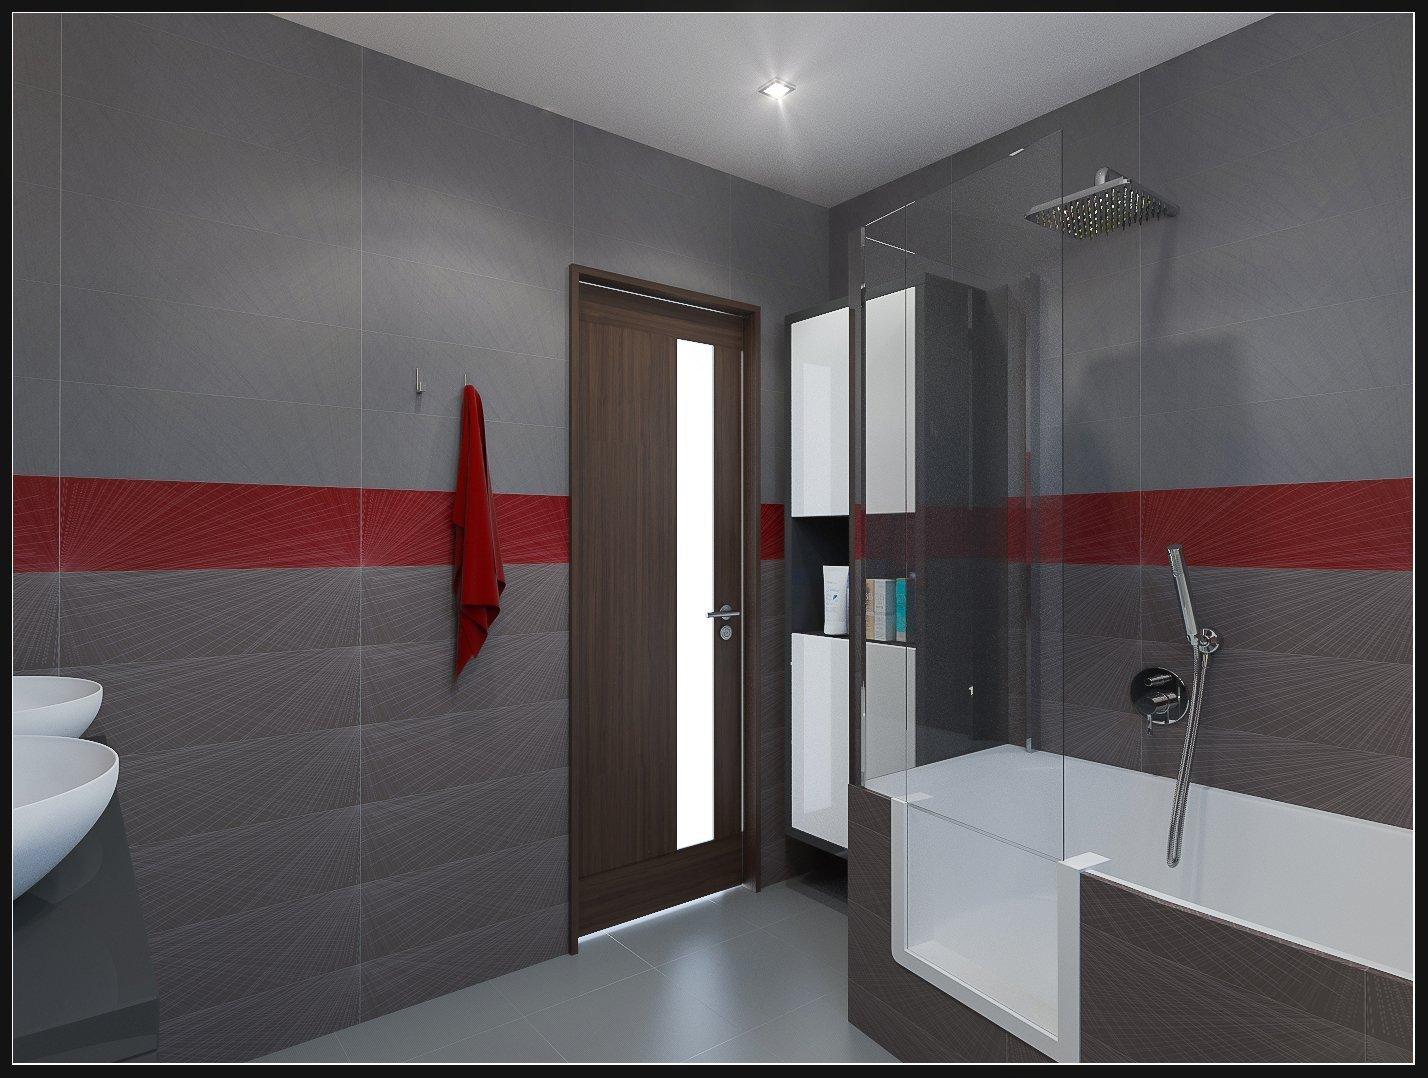 Máte problém s nedostatkem místa, kvůli kterému není možné mít vanu i sprchový kout v koupelně současně? Řešením je vana vybavená dvířky který umožňují pohodlný vstup do vany. Zároveň brání úniku vody při sprchování či koupání do prostor koupelny.